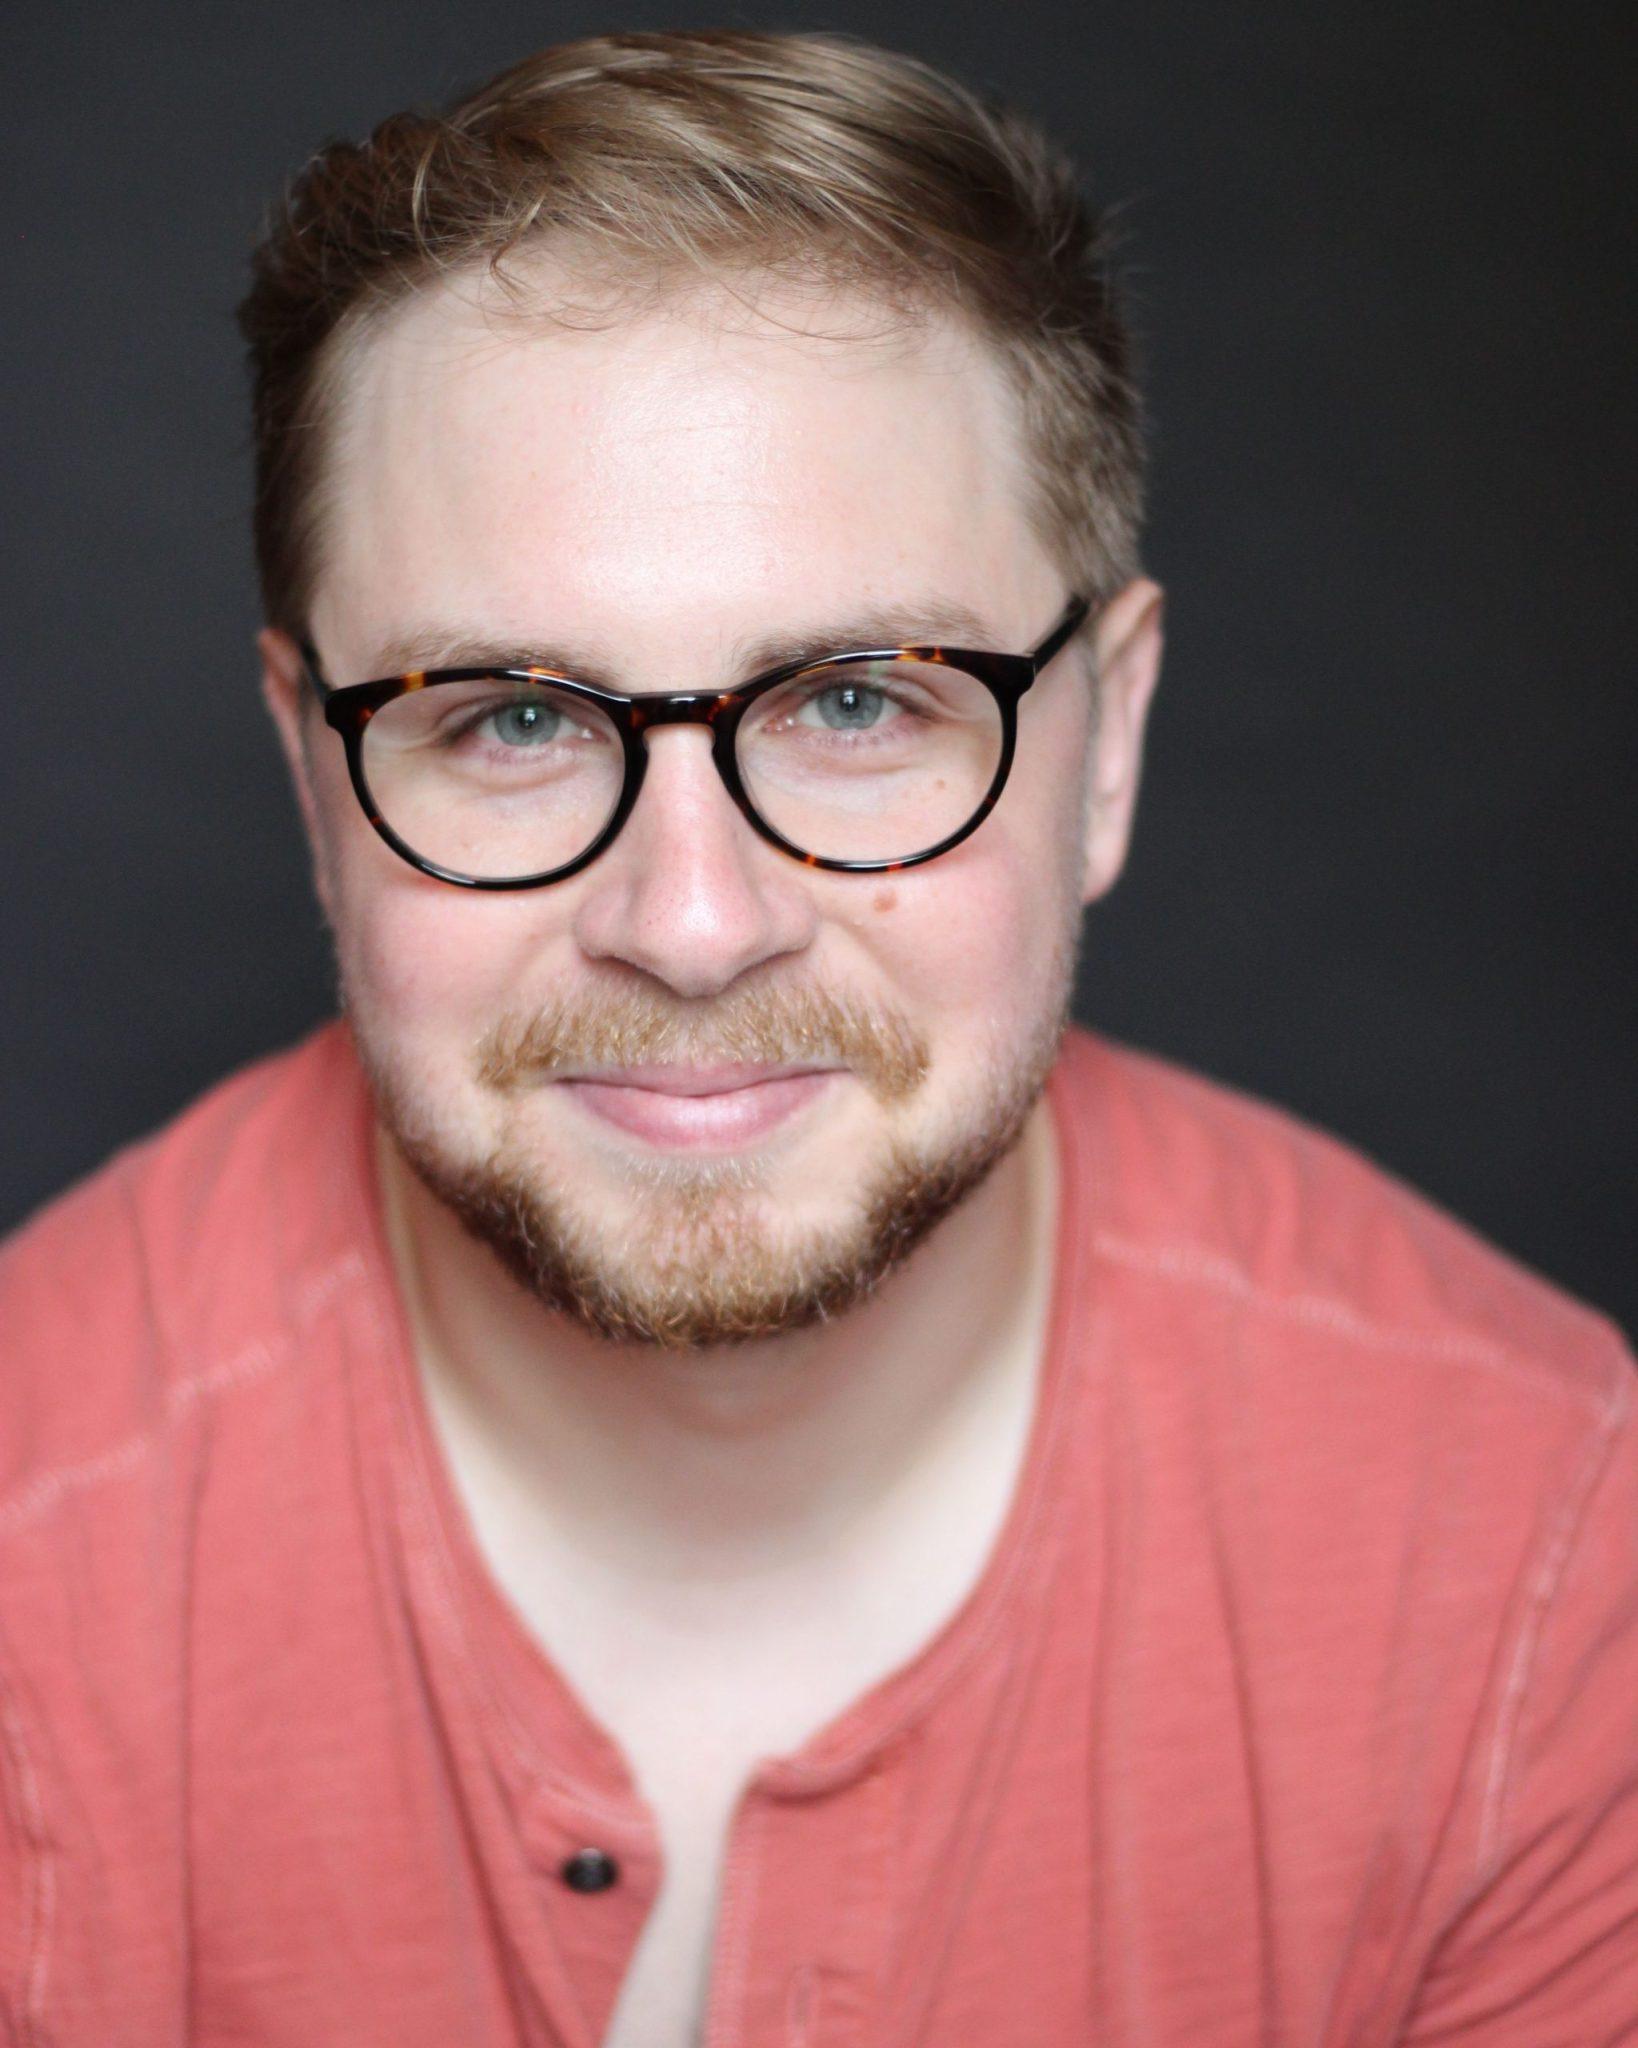 Ryan Marcone's Headshot